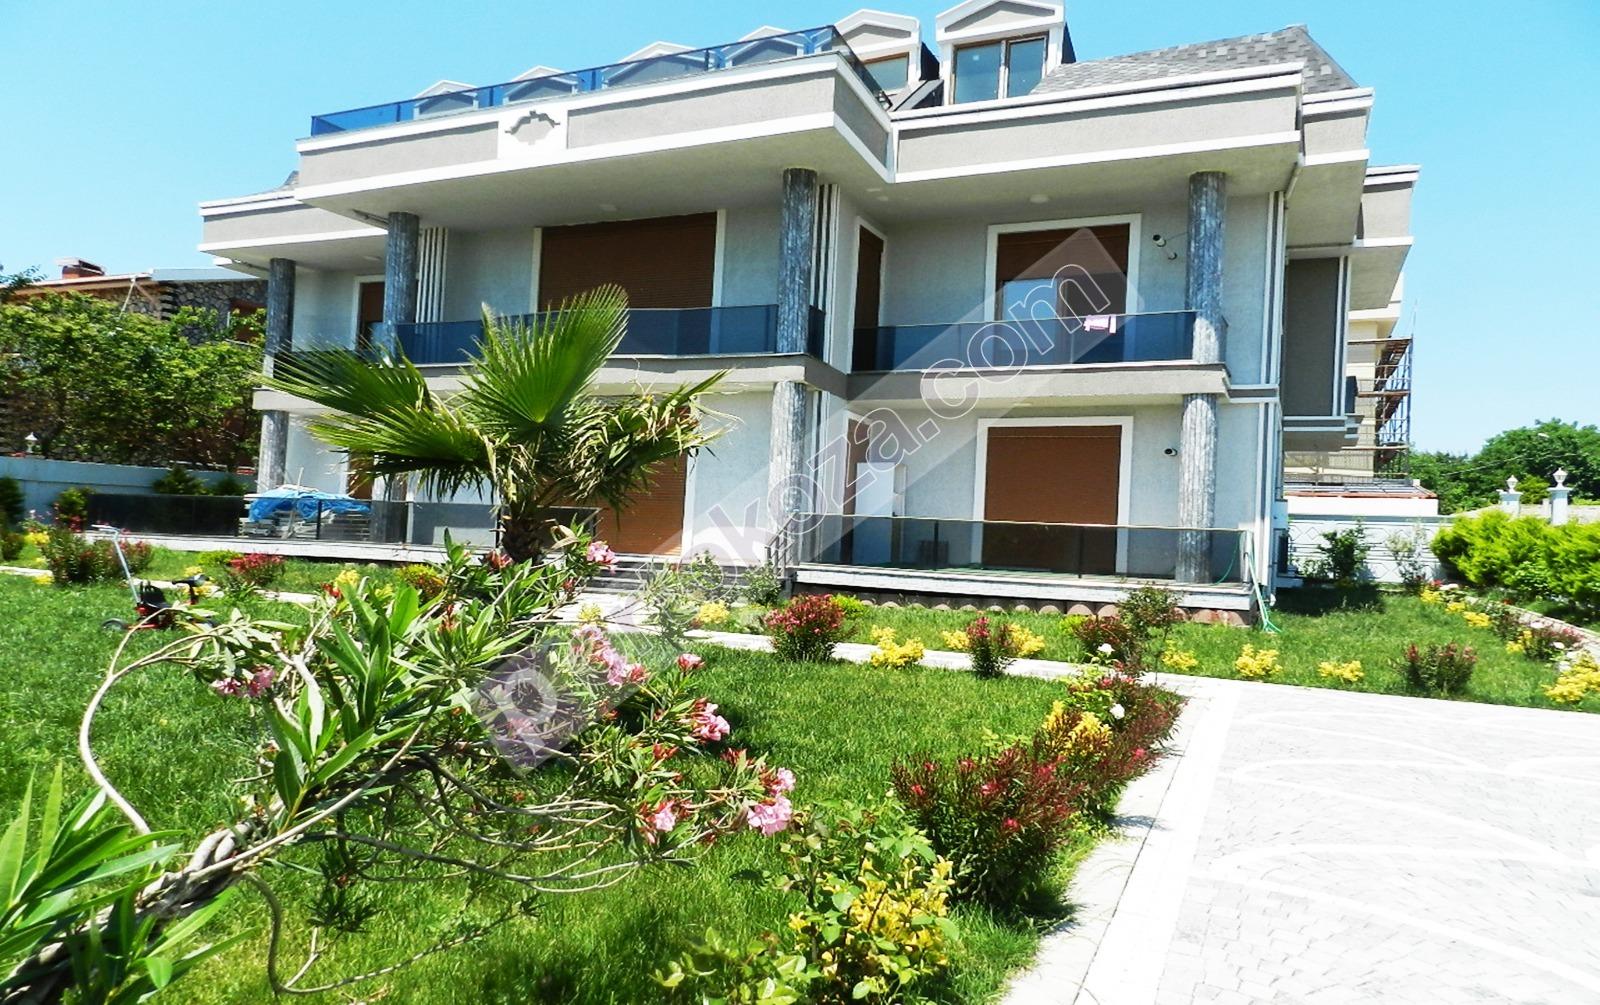 فيلا للبيع  غرف 17+6 في بيليك دوزو ، حي جوربينار